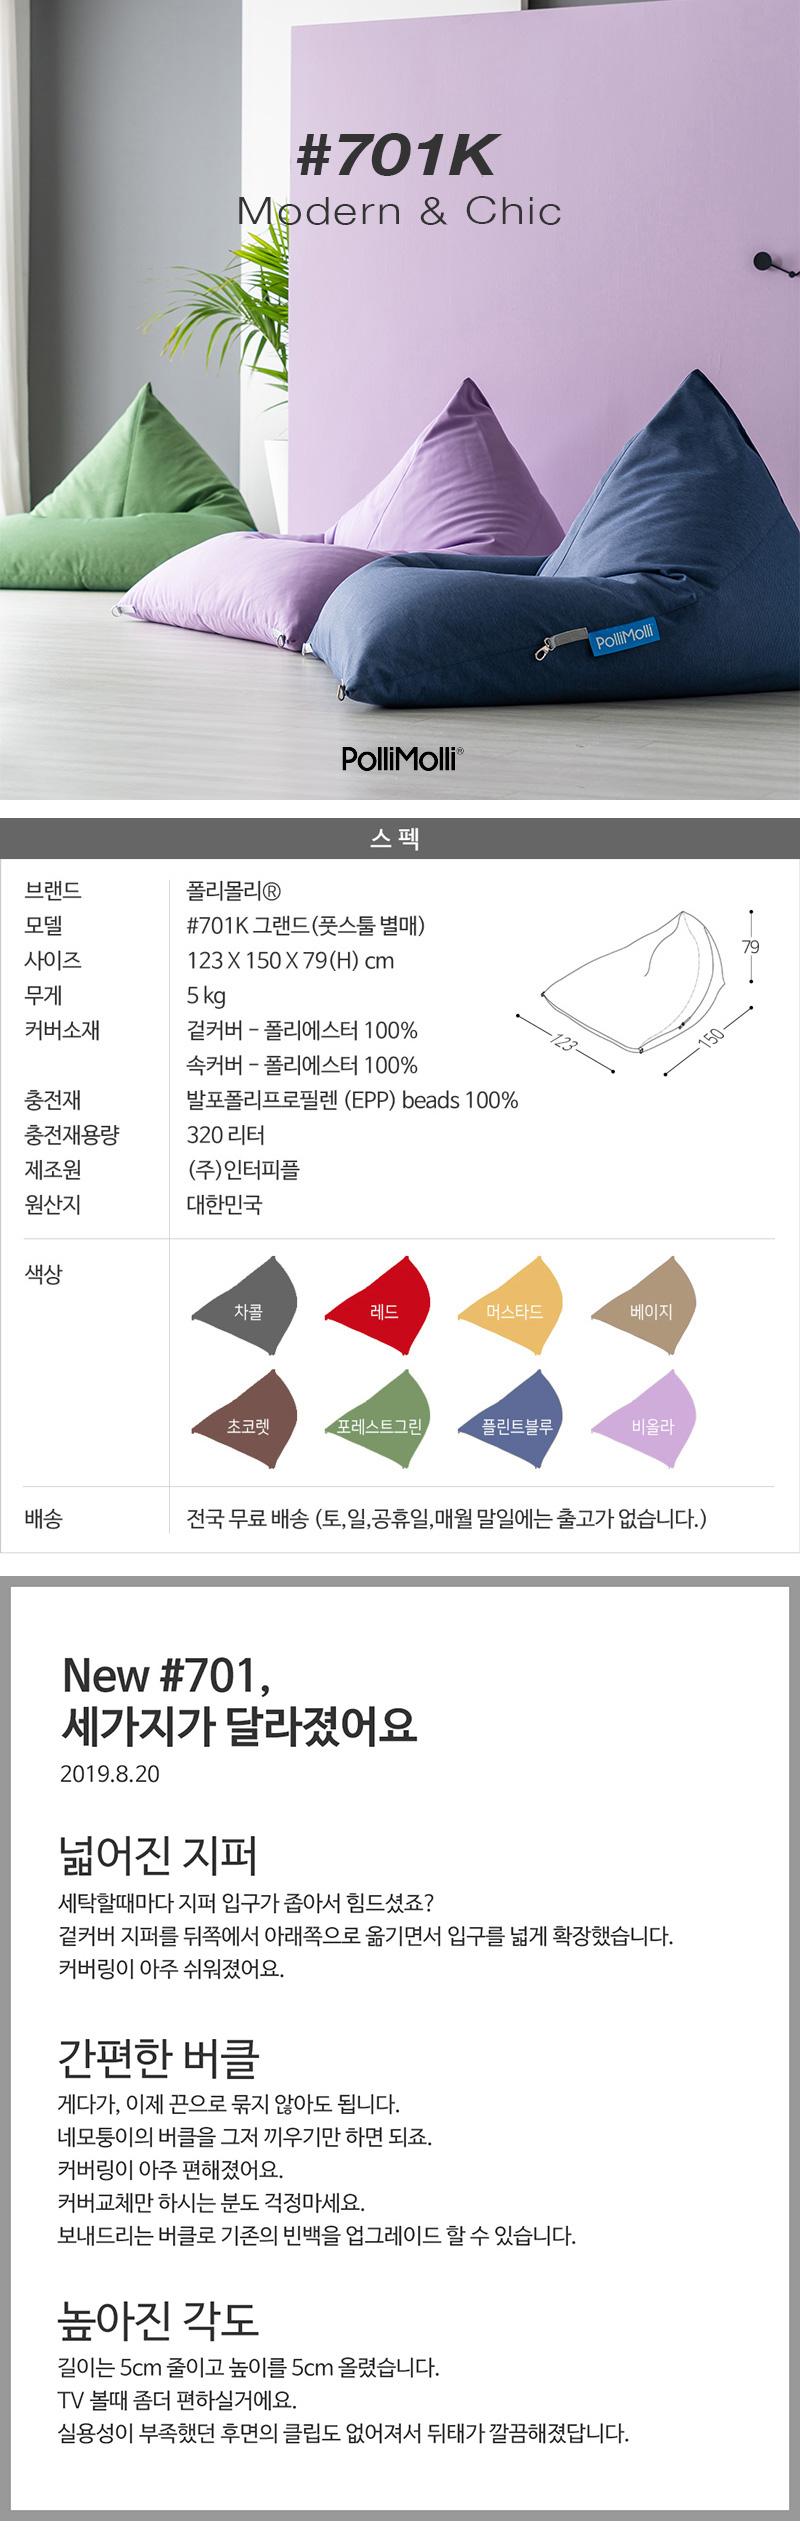 빈백 701K 머스타드 - 폴리몰리, 168,630원, 기능성/디자인소파, 빈백소파